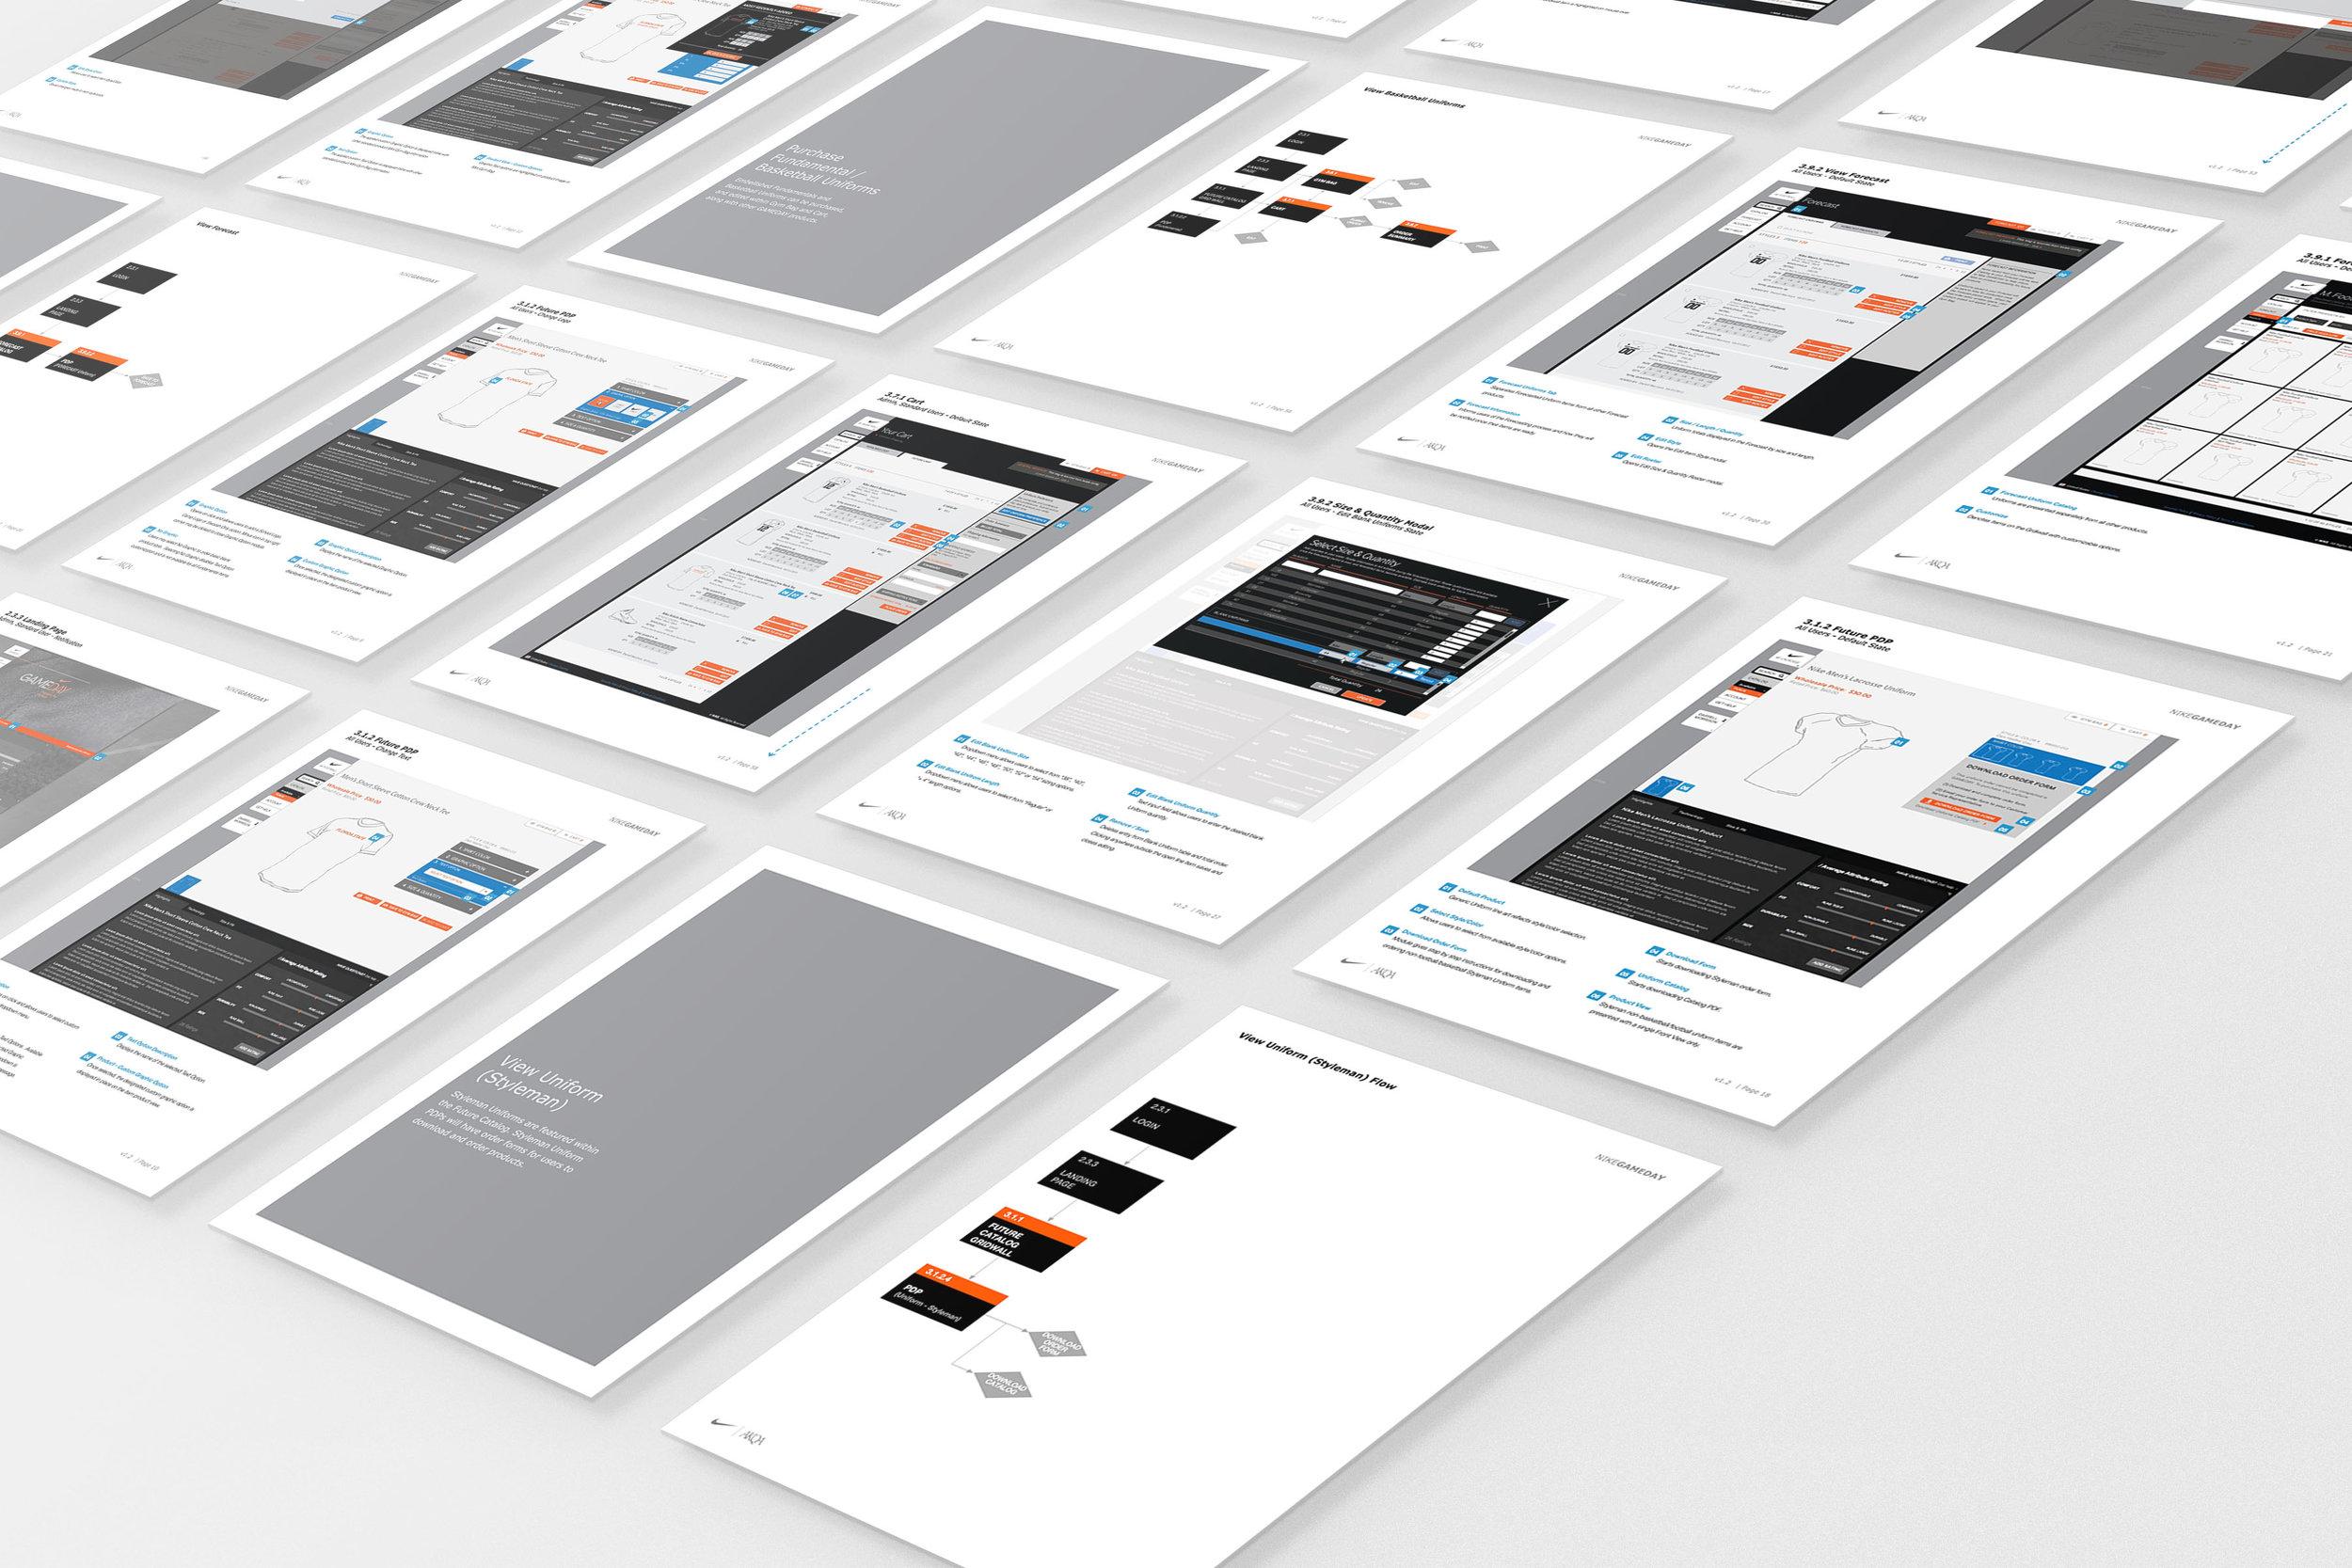 mx-design-mockup-portfolioSamples-perspectiveArtboard 2.jpg